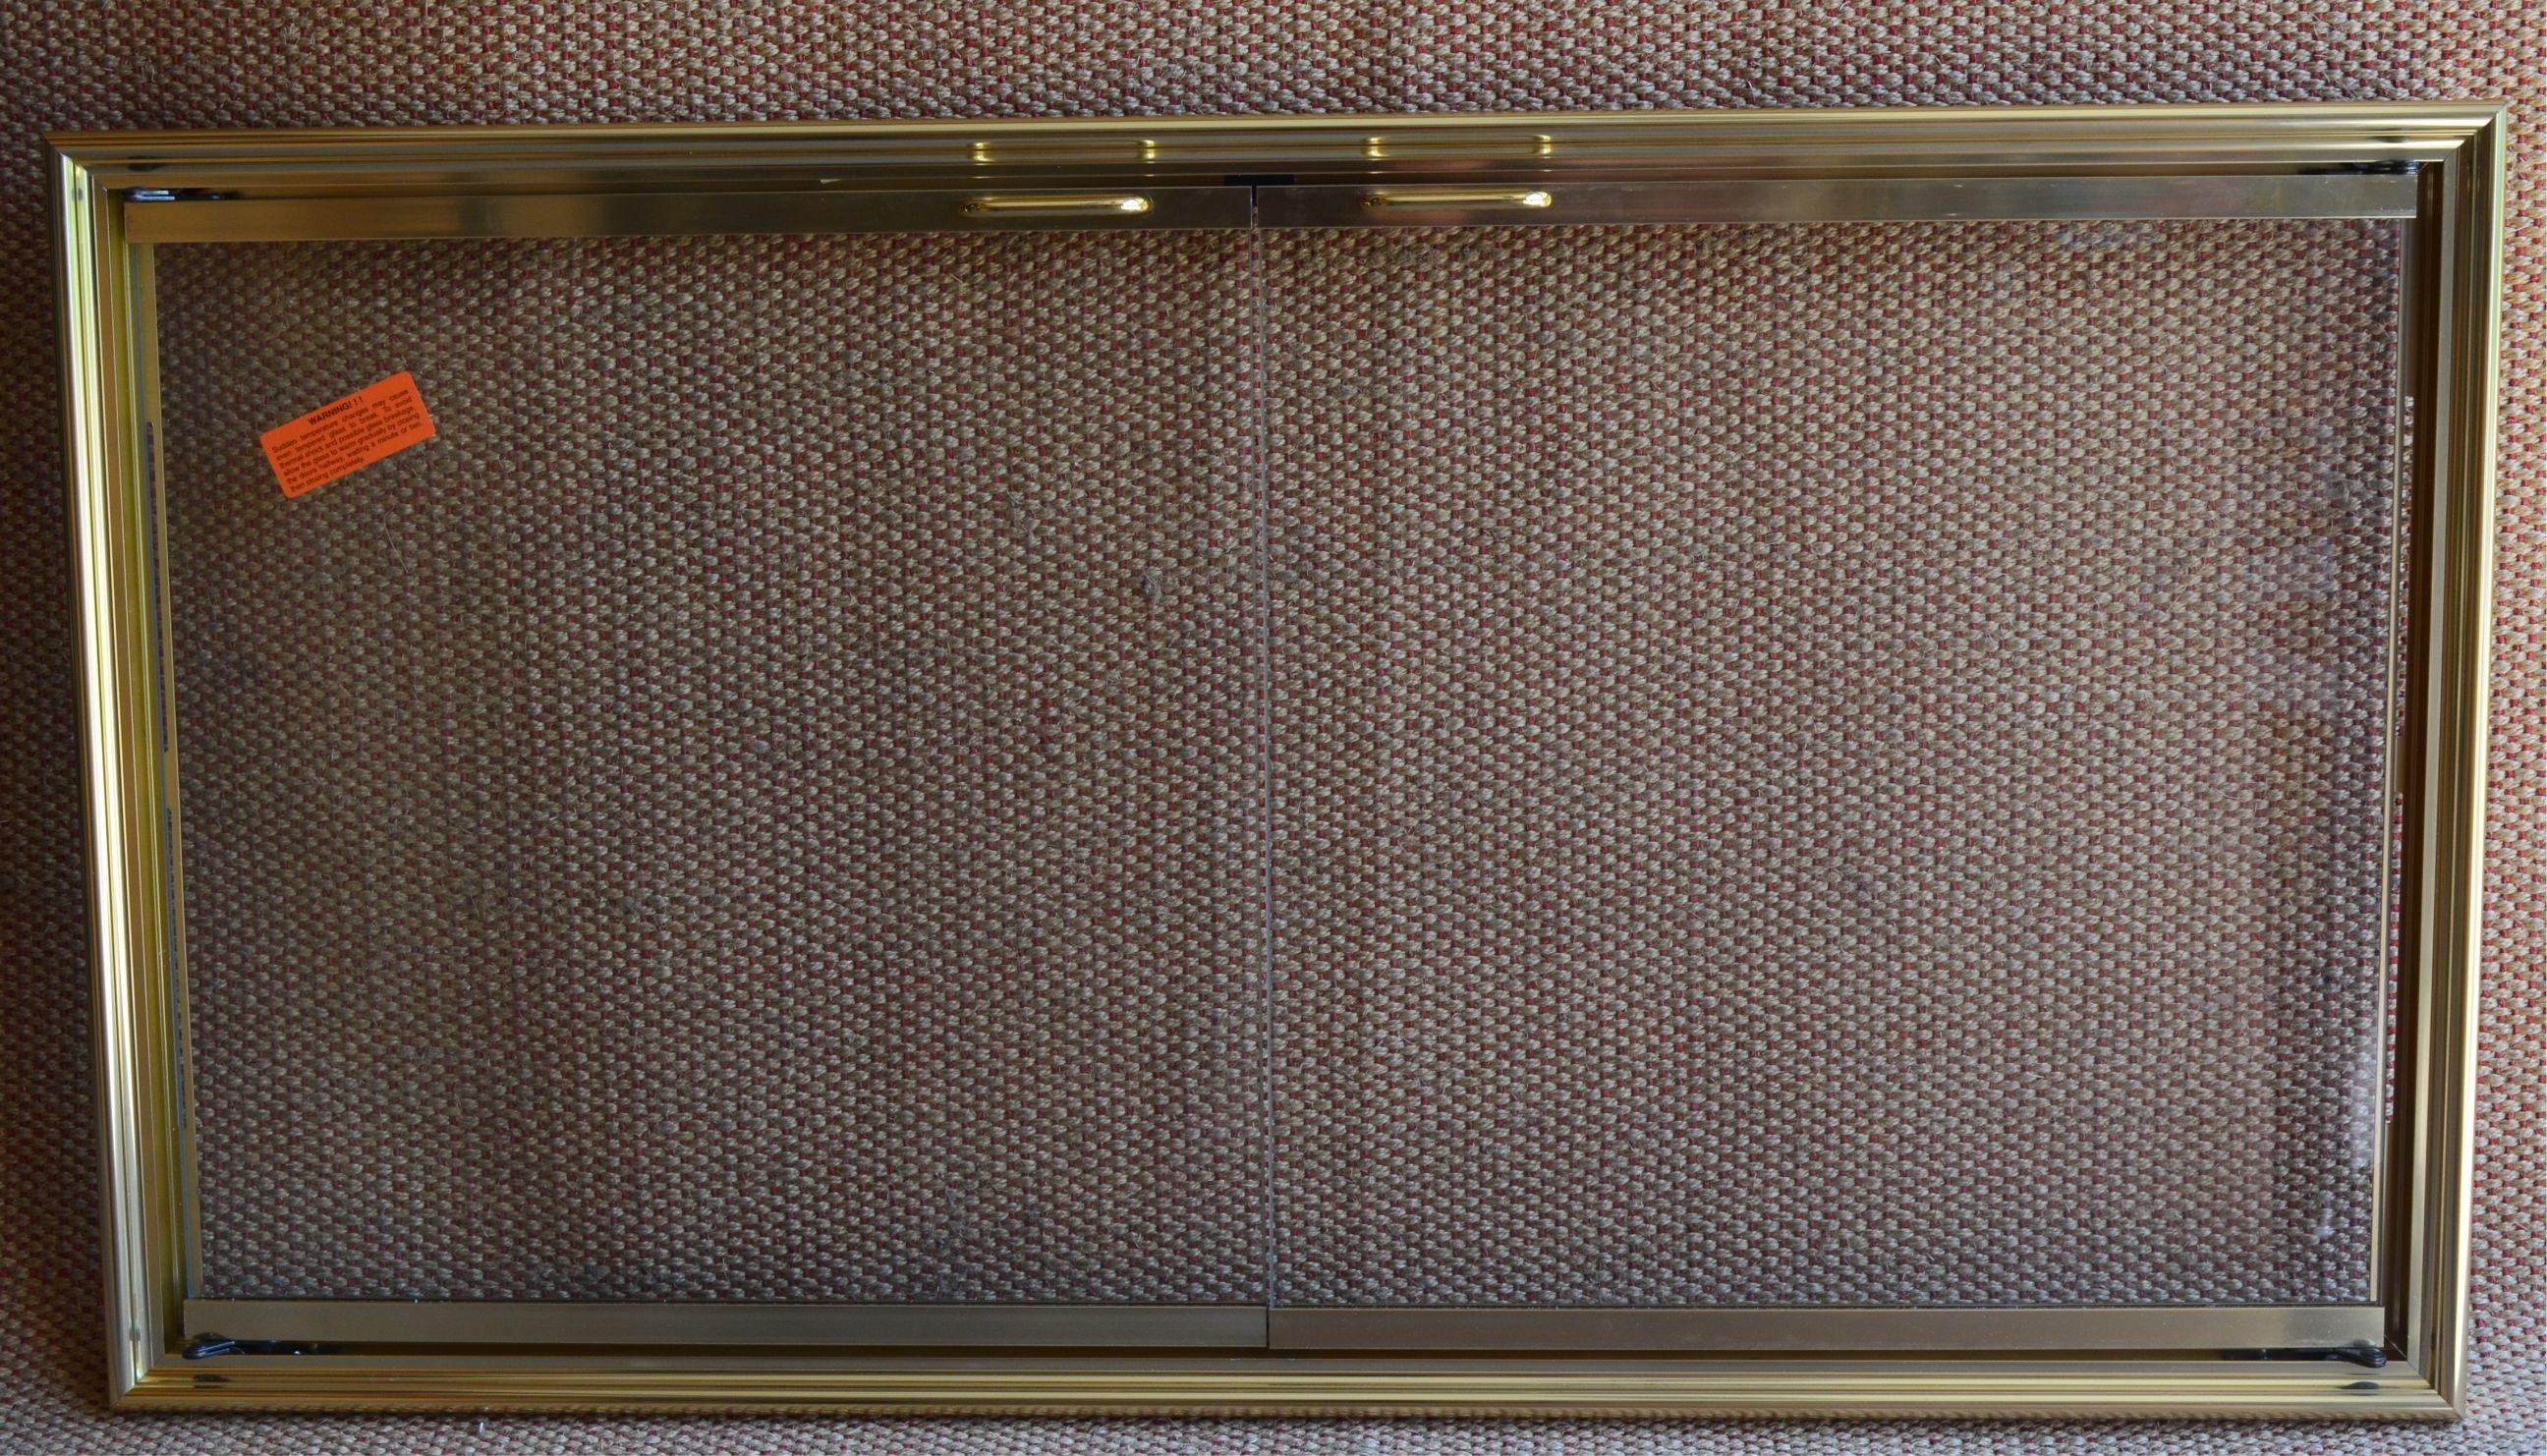 43x23 Inch Polished Brass Shadow Fireplace Door